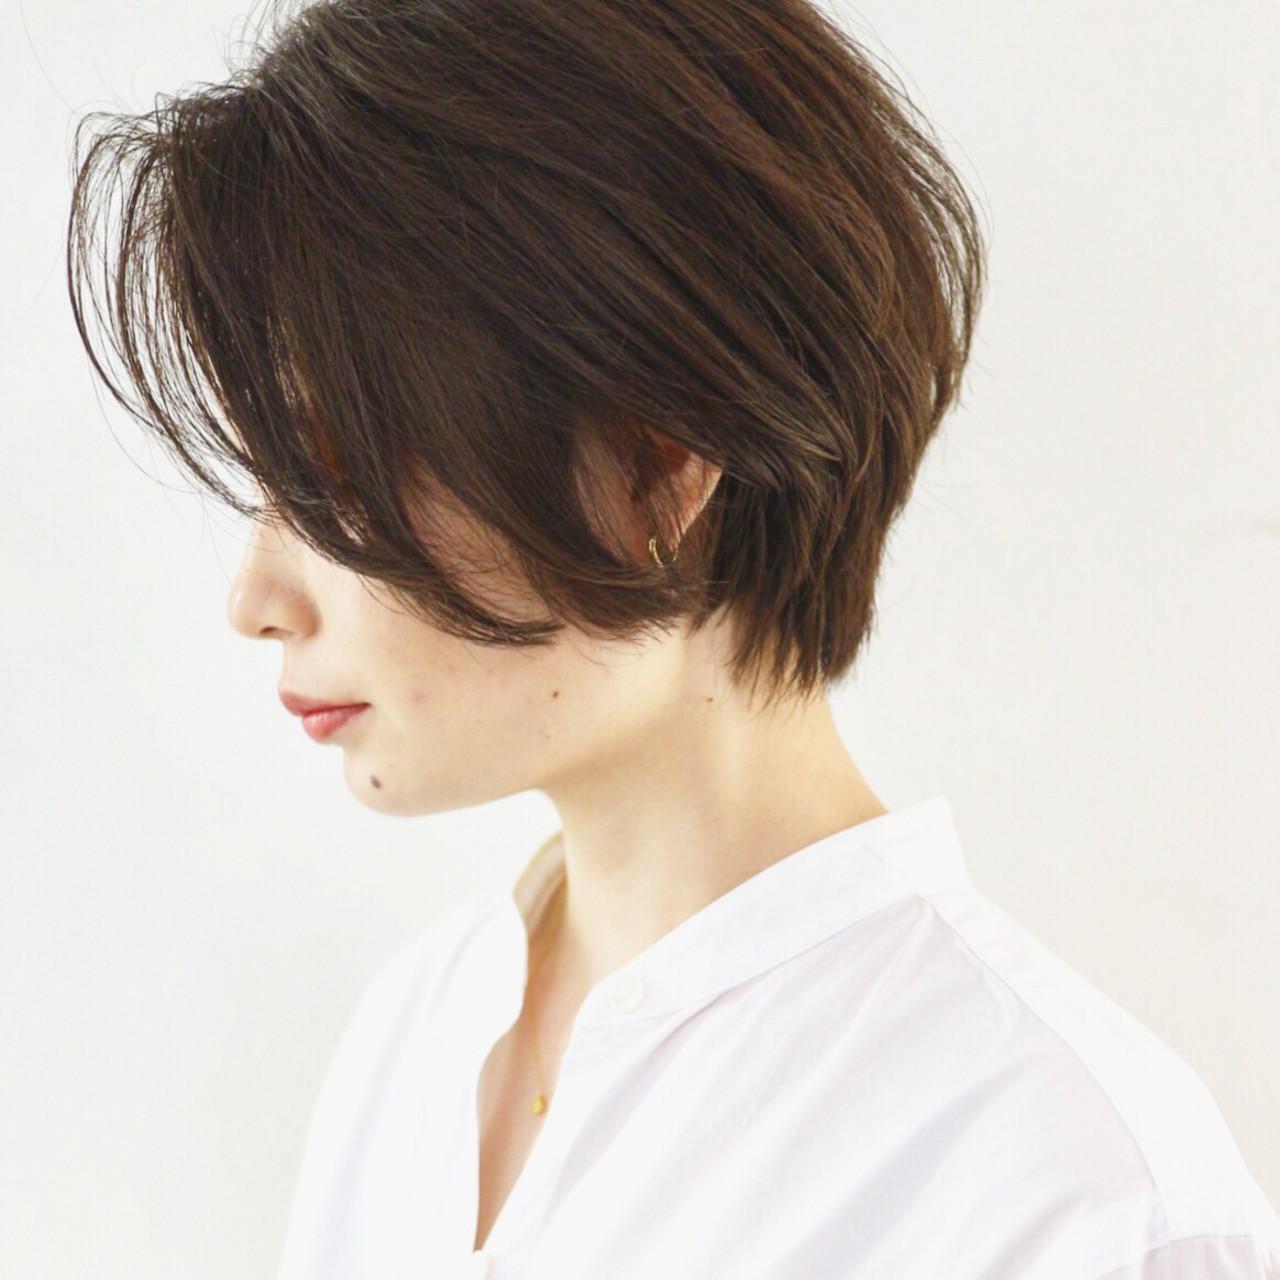 ストリート ハンサムショート ショートボブ グレージュ ヘアスタイルや髪型の写真・画像 | 三好 佳奈美 / Baco.(バコ)